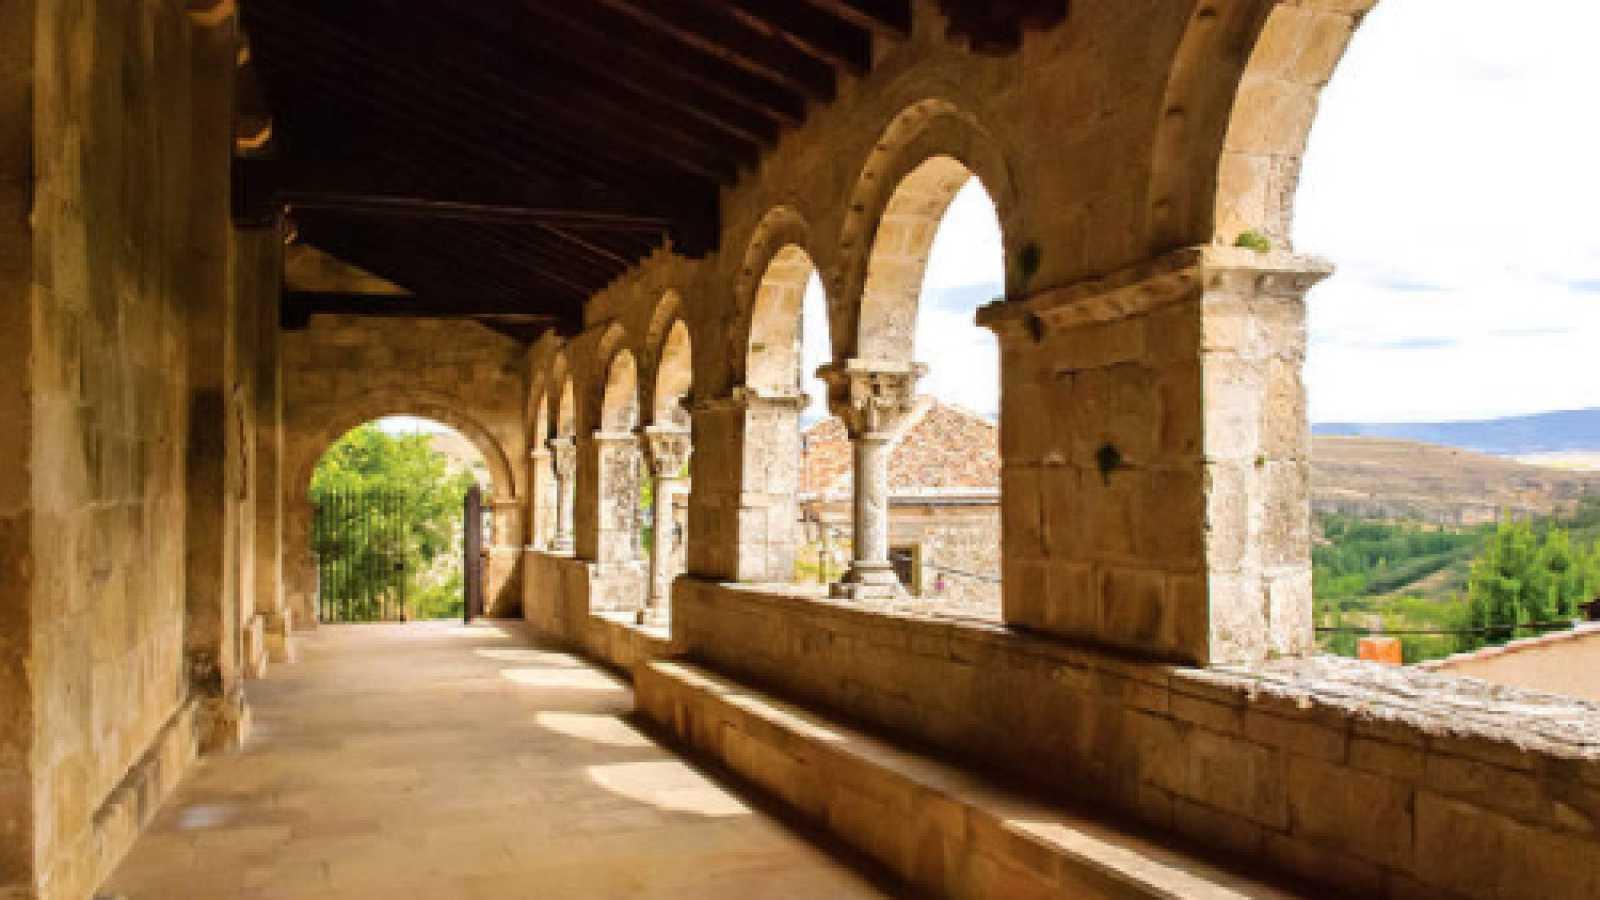 En clave Turismo - El Románico en la provincia de Segovia: Sepúlveda y alrededores - 22/09/20 - escuchar ahora